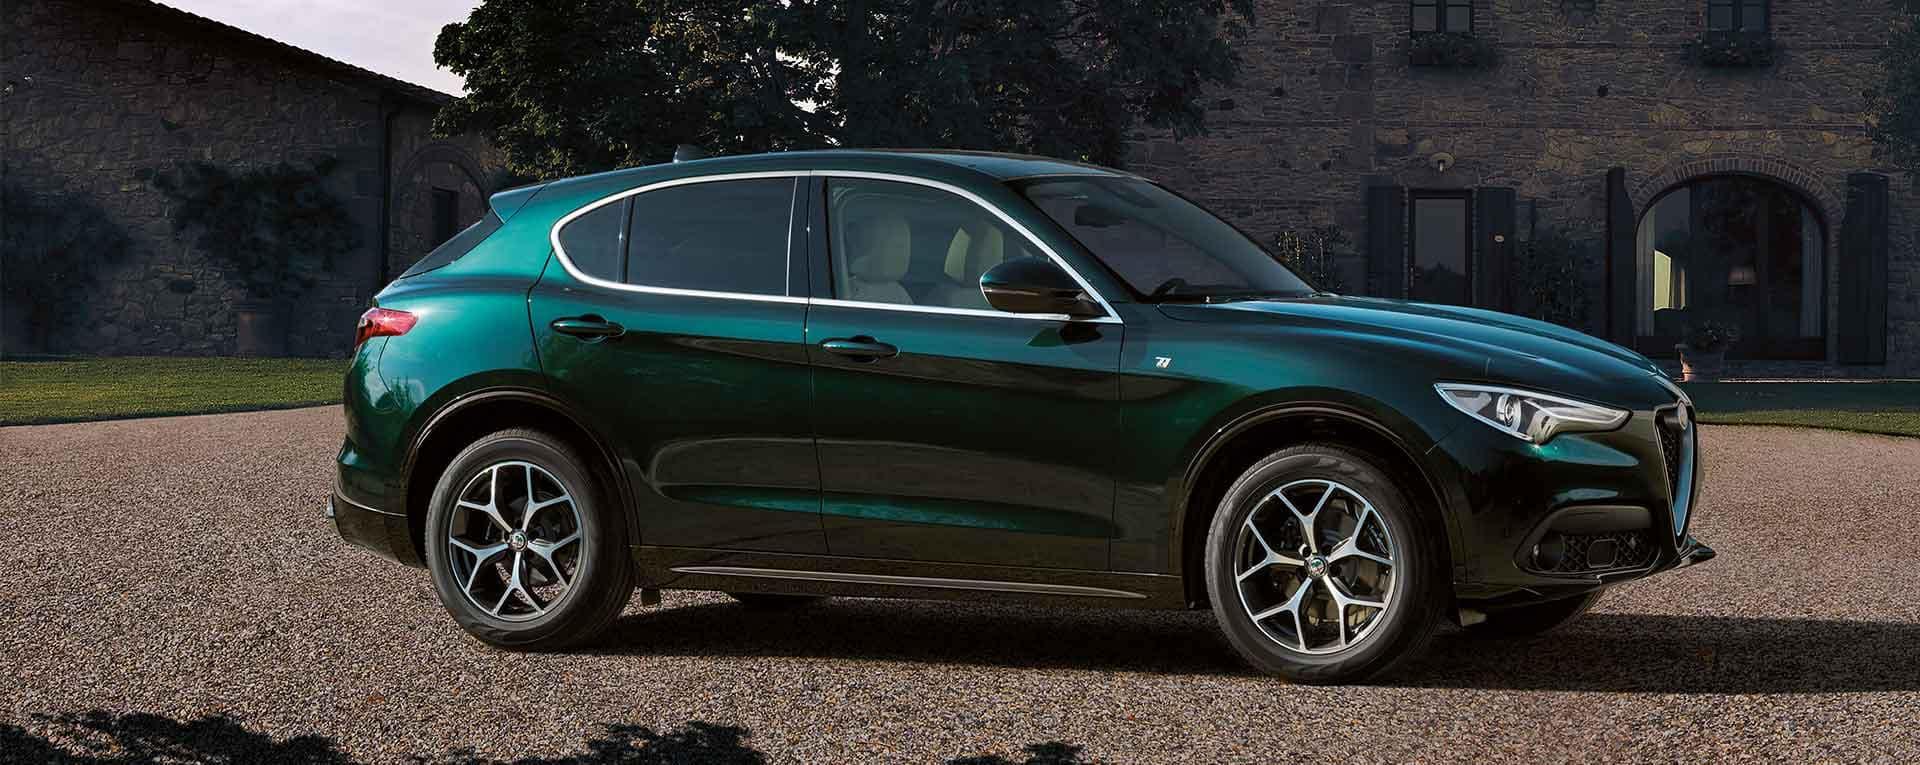 Alfa Romeo Stelvio Trim